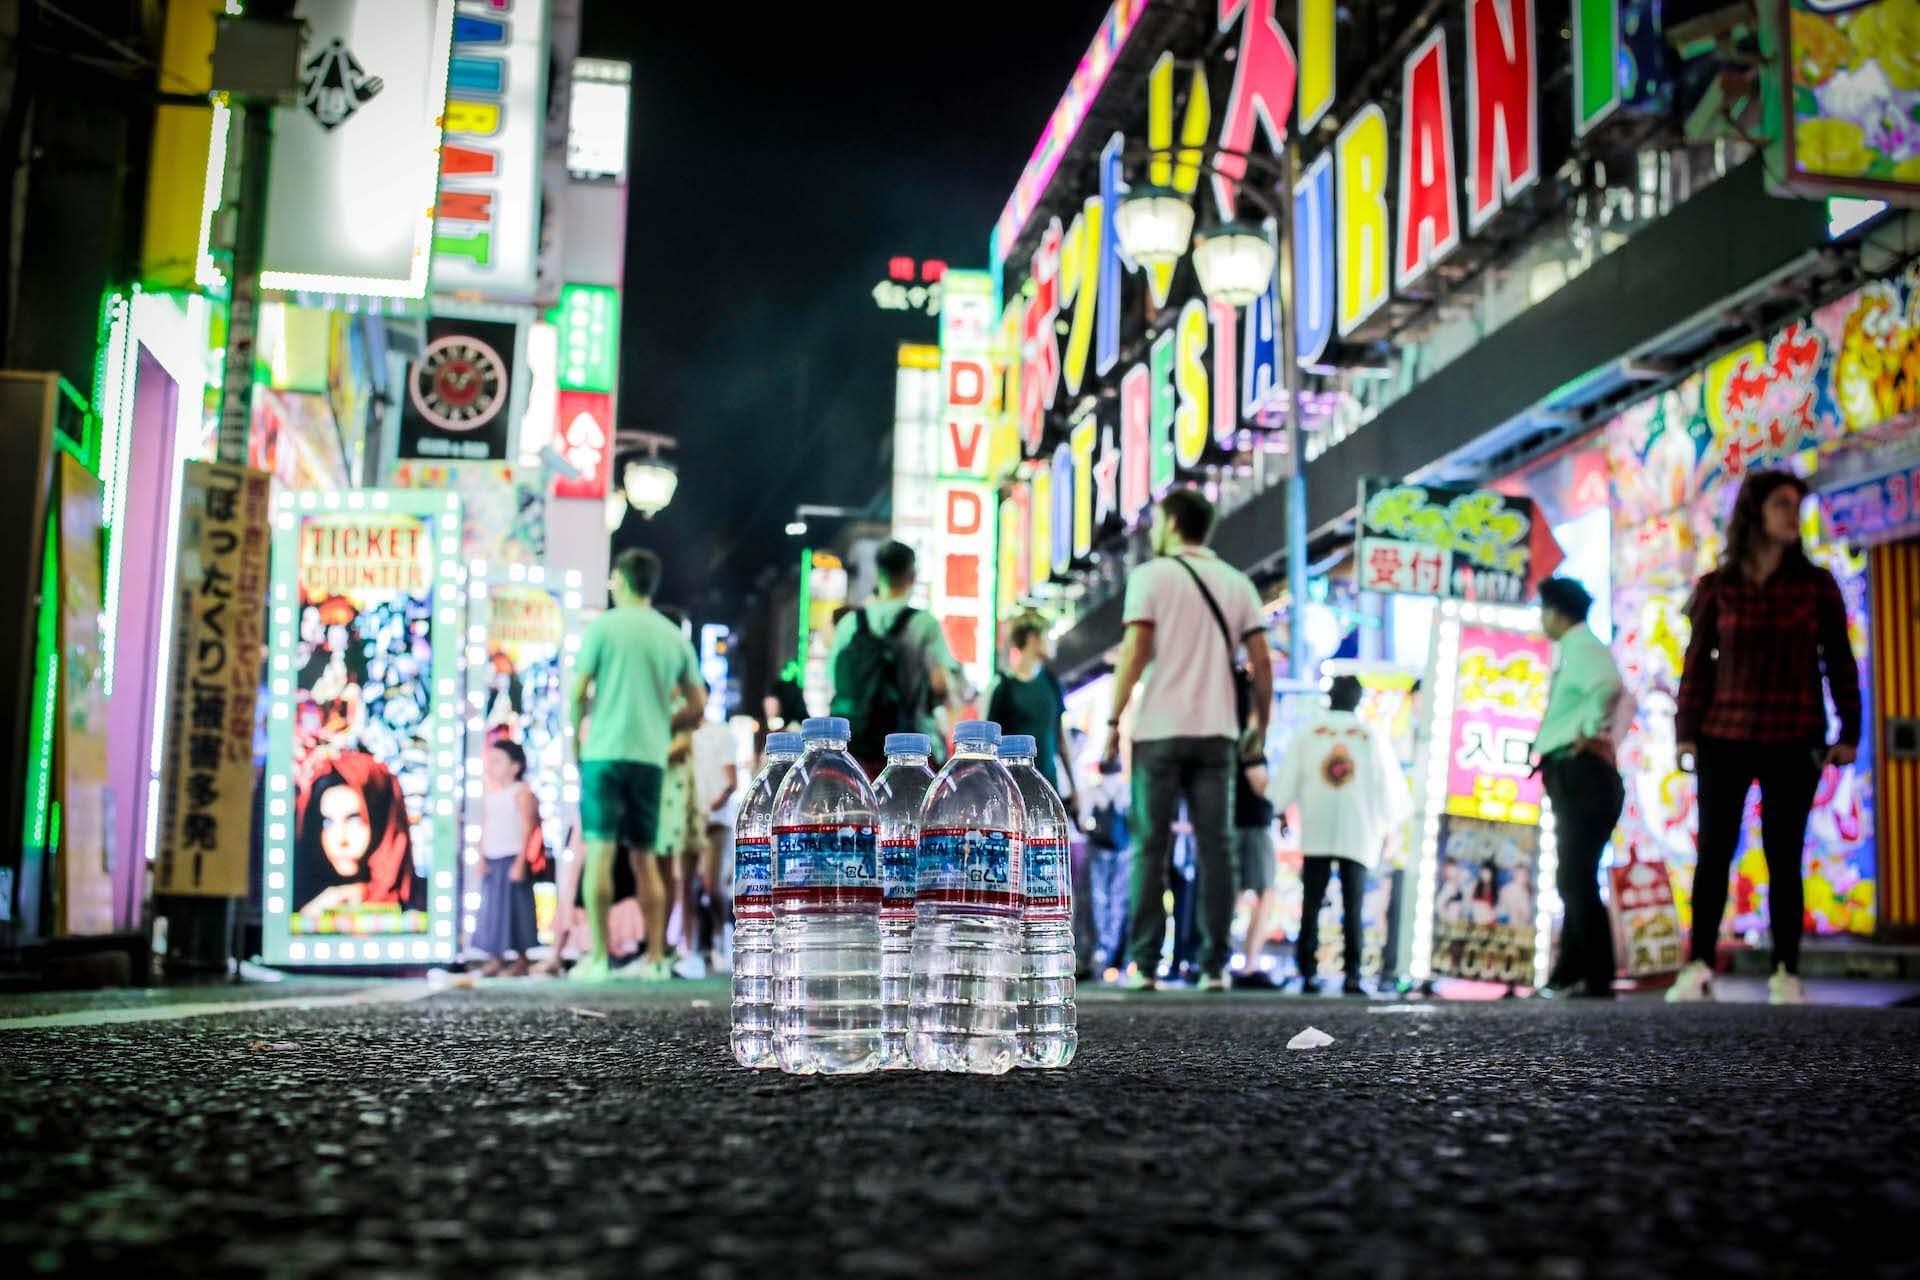 パノラマパナマタウンのVo・岩渕想太が個展<俺の命はクリスタルガイザー何本分なのよ>を新宿歌舞伎町人間レストランにて開催 art-culture191206-iwabuchisouta-nngn-4